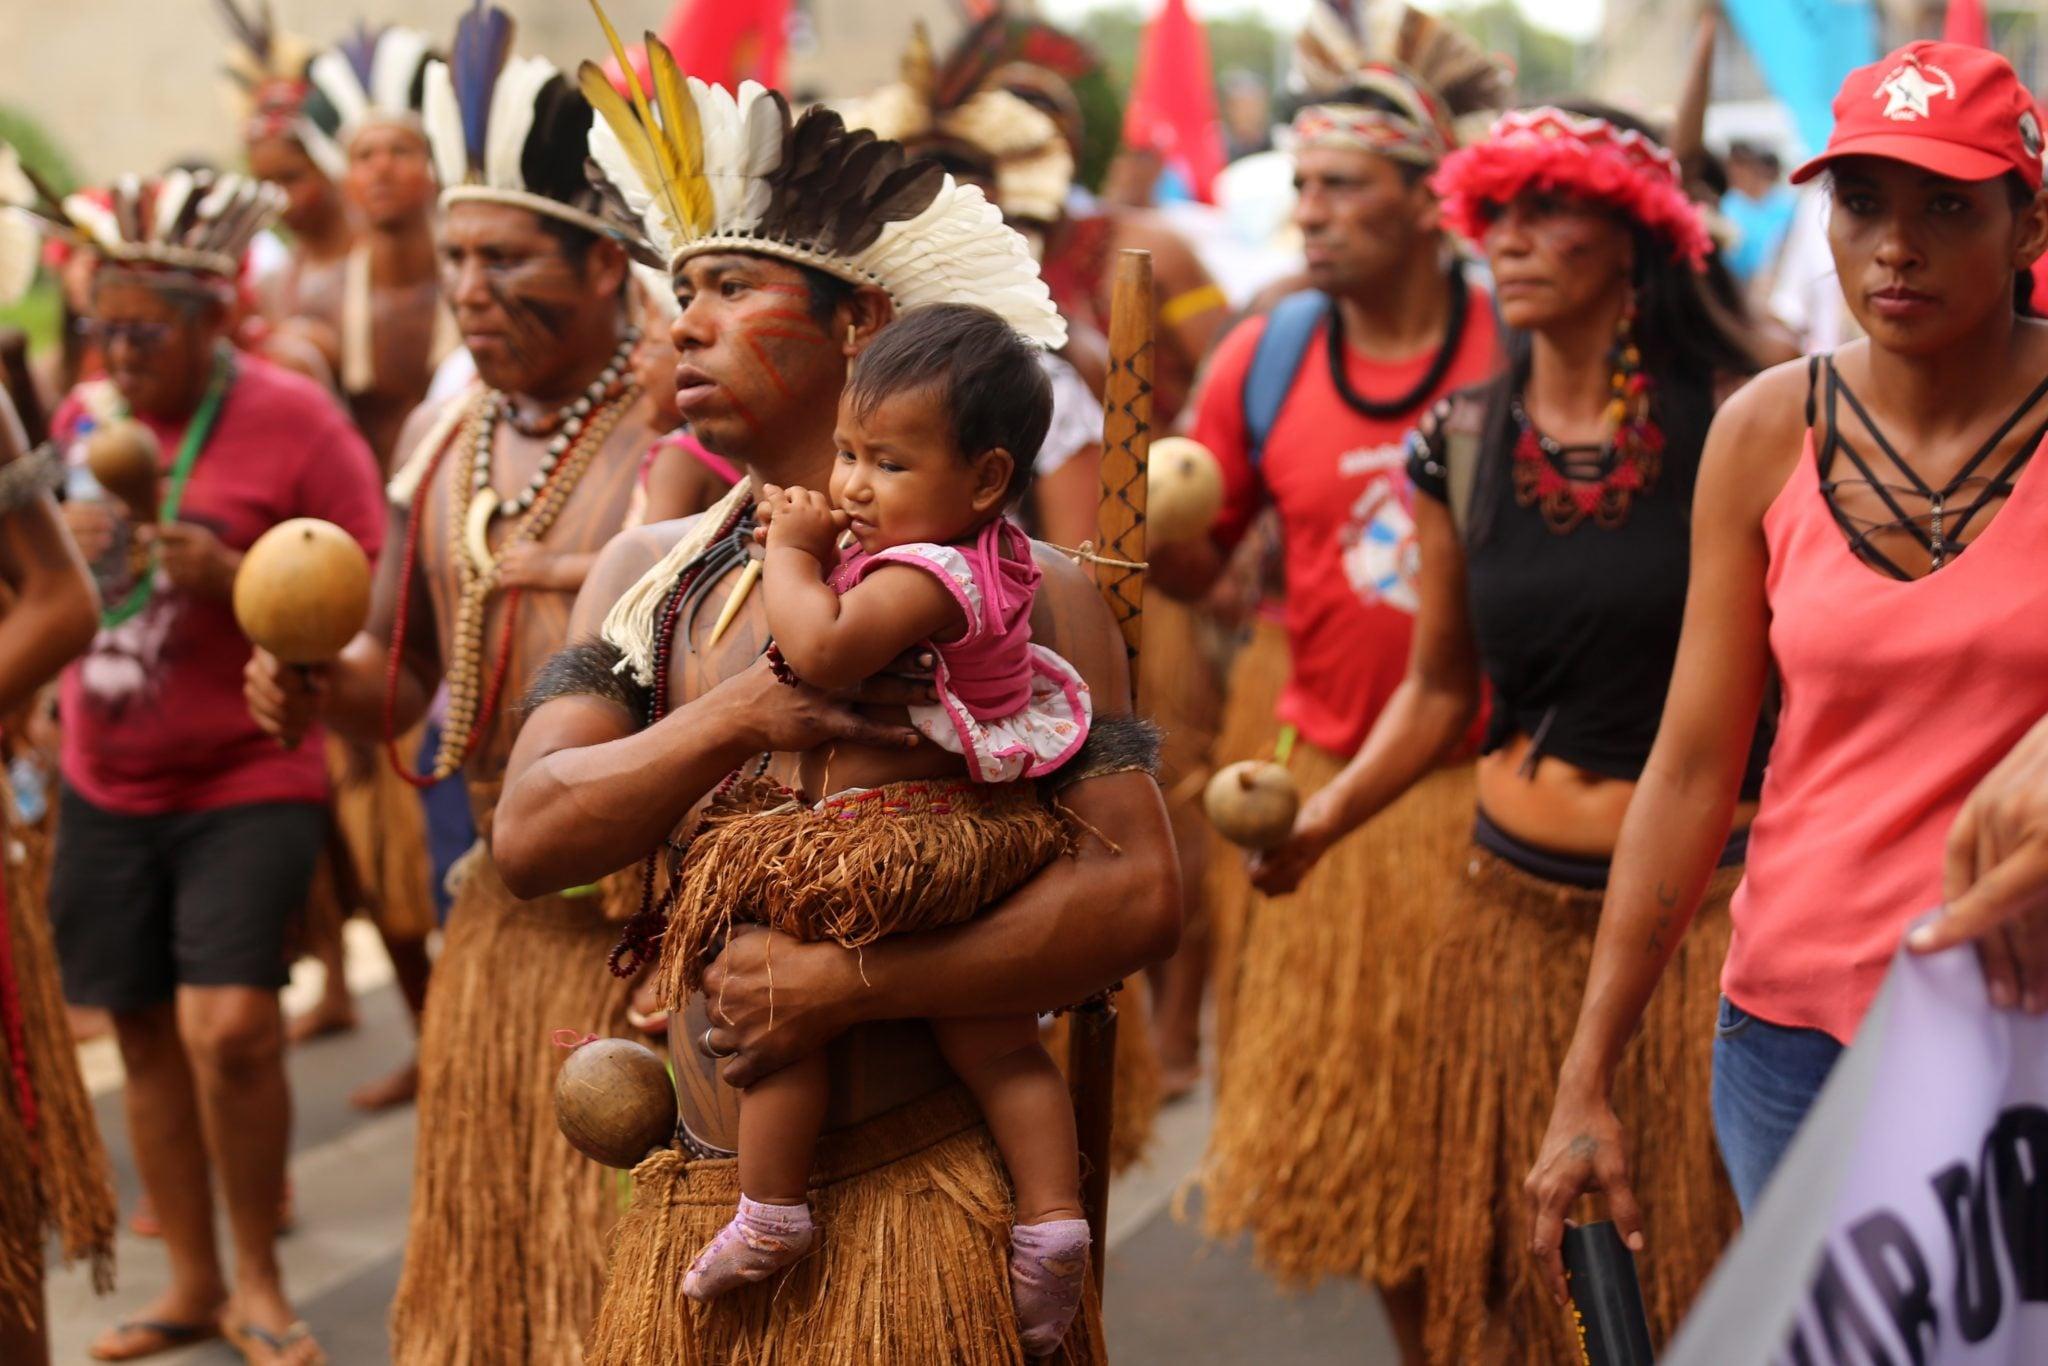 Brazylia: grupa etniczna Pataxo domagają się demarkacji ziemi i dostępu do służby zdrowia, fot: Joedson Alves, PAP/EPA